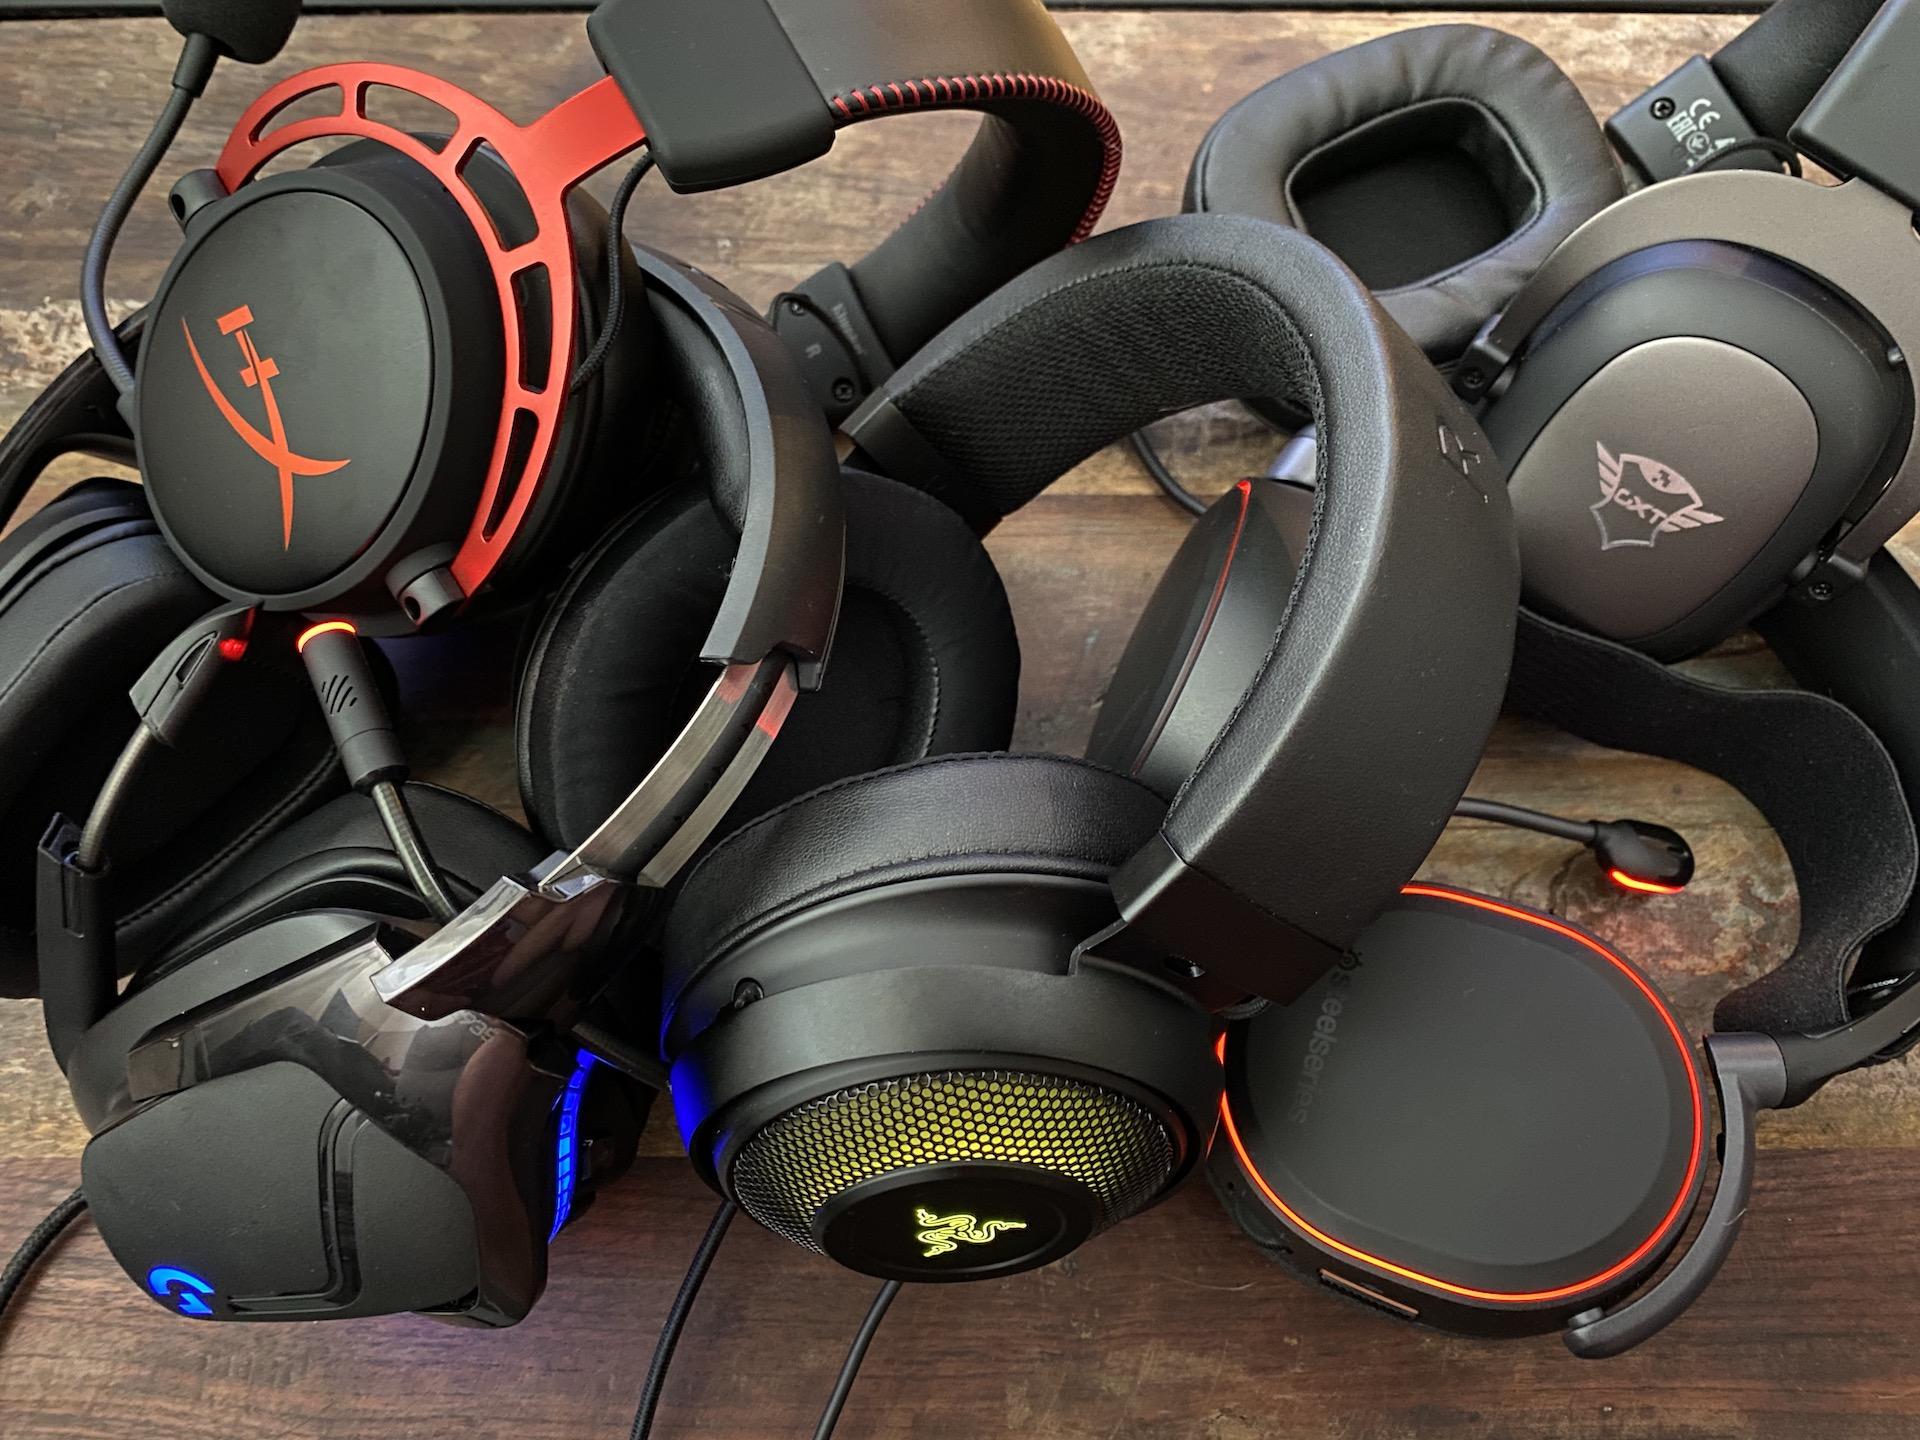 Casques gamer : notre sélection pour PC, PS4, Xbox One ou Switch